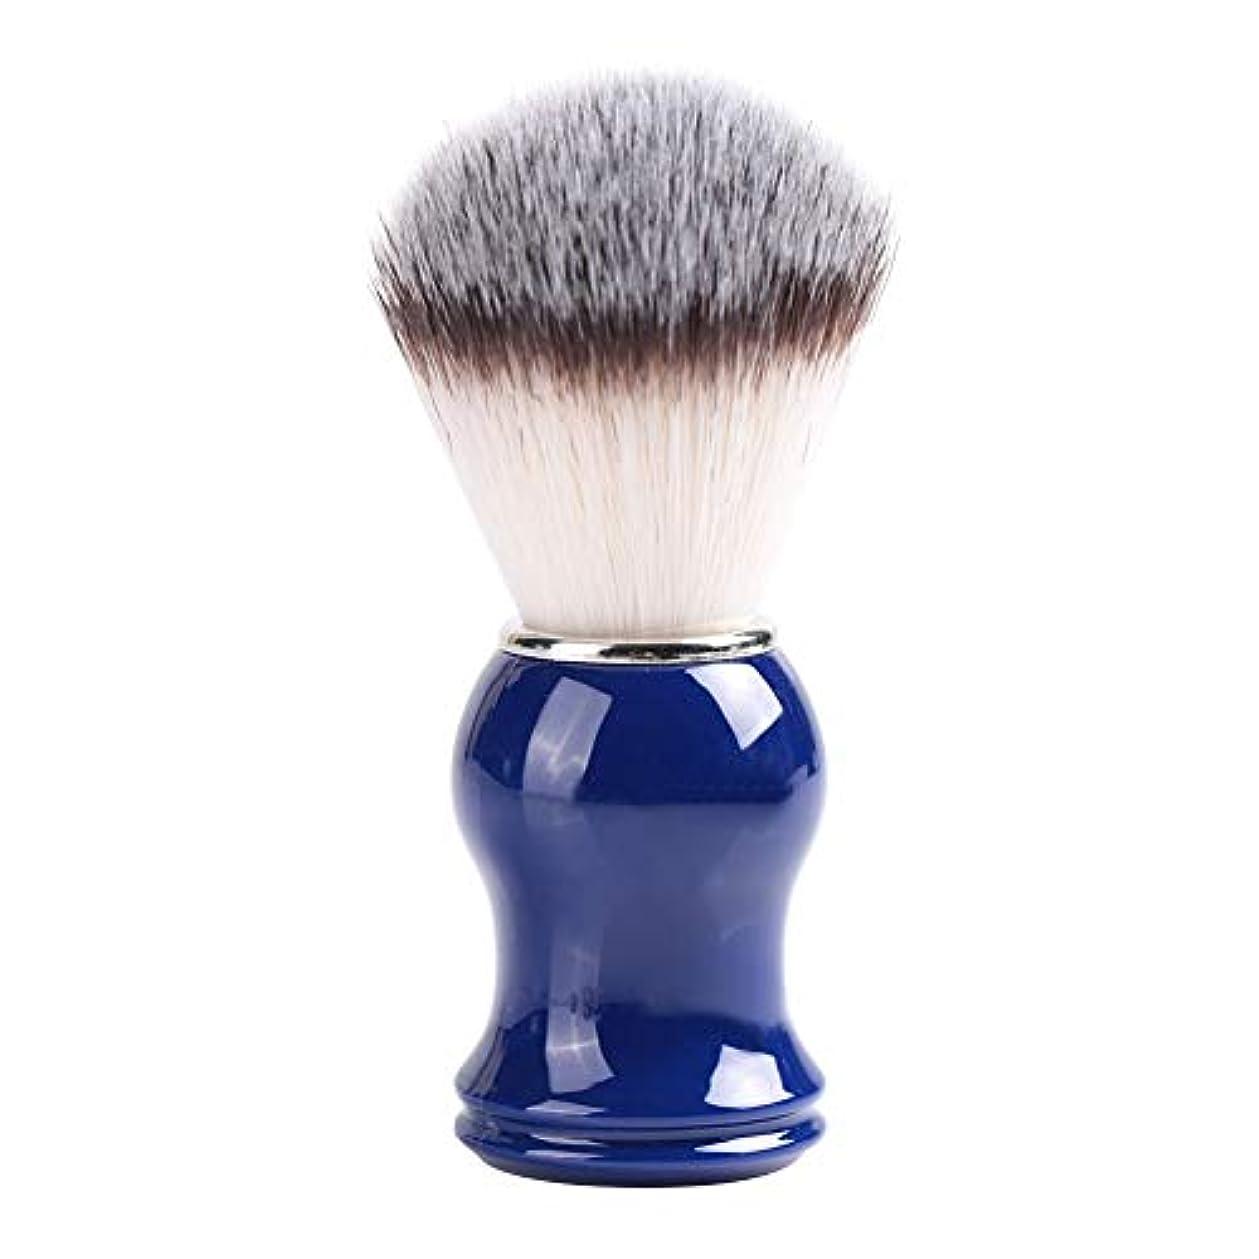 買い物に行く発行瞑想するNitrip シェービングブラシ ひげブラシ ひげケア 理容 洗顔 髭剃り 泡立ち 男性用 2色(剛毛+青)